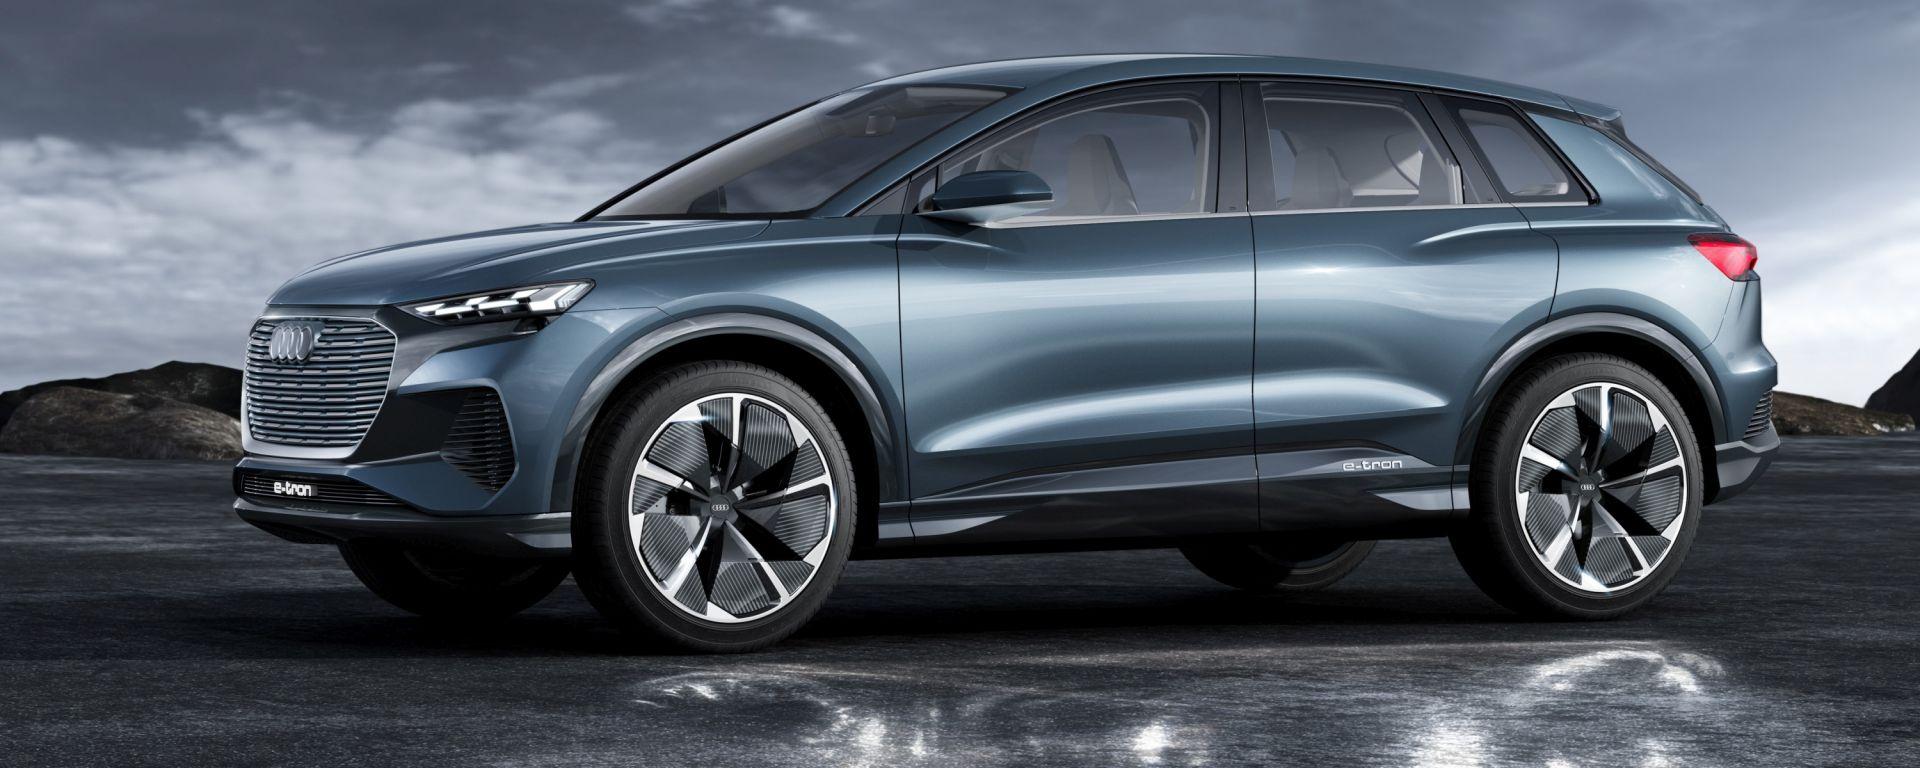 Audi Q4 e-tron: aperti i pre-order